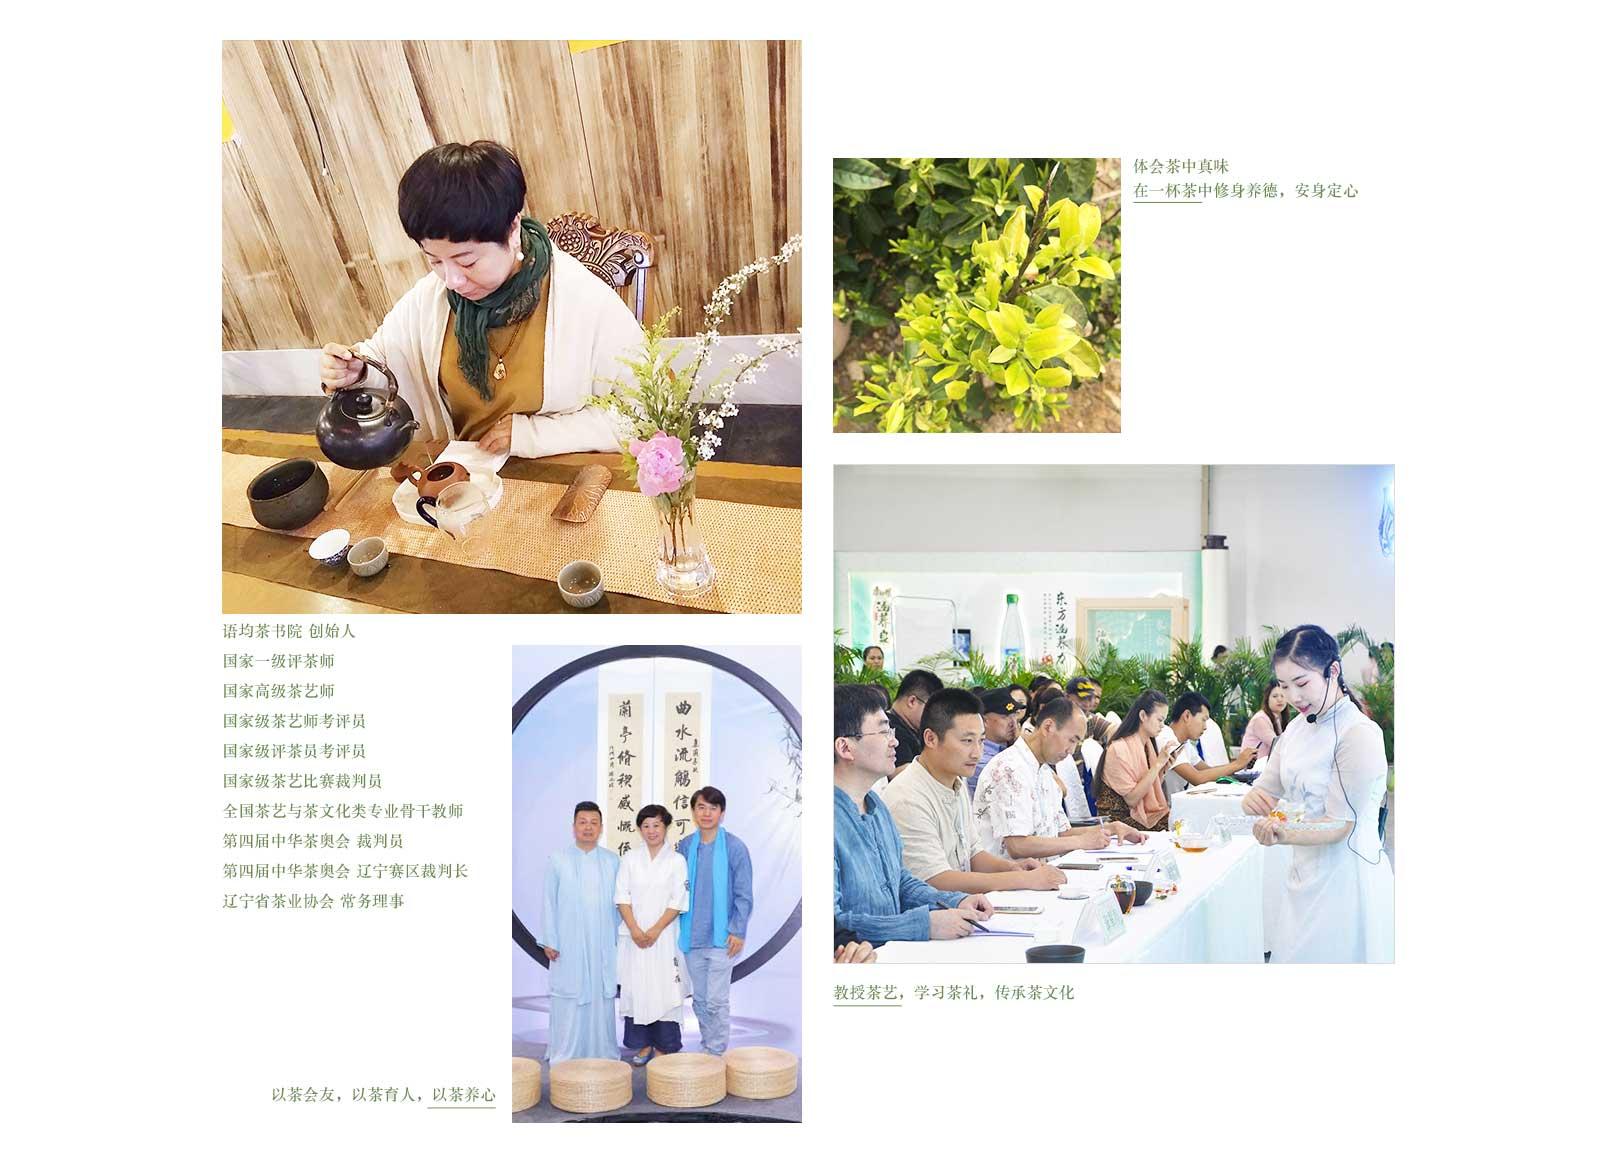 沈阳语均茶书院艺培训以茶会友,以茶育人,以茶养心。